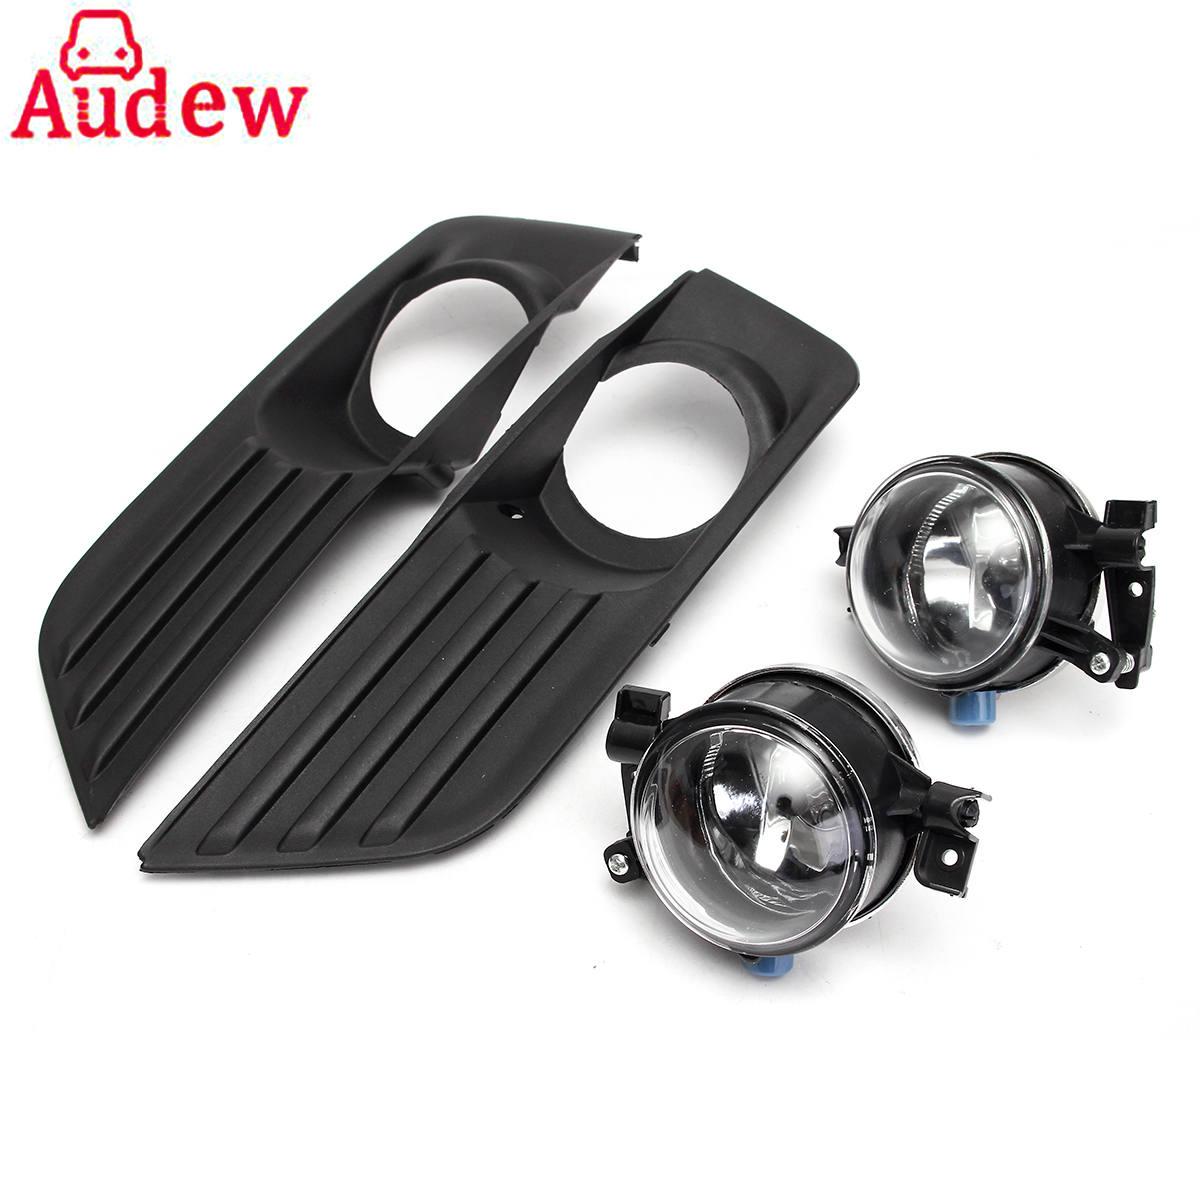 2Pcs Car Bumper Front Fog Lights Lamp + Cover Grille Kit Set For Ford/Focus 2005-2007<br>